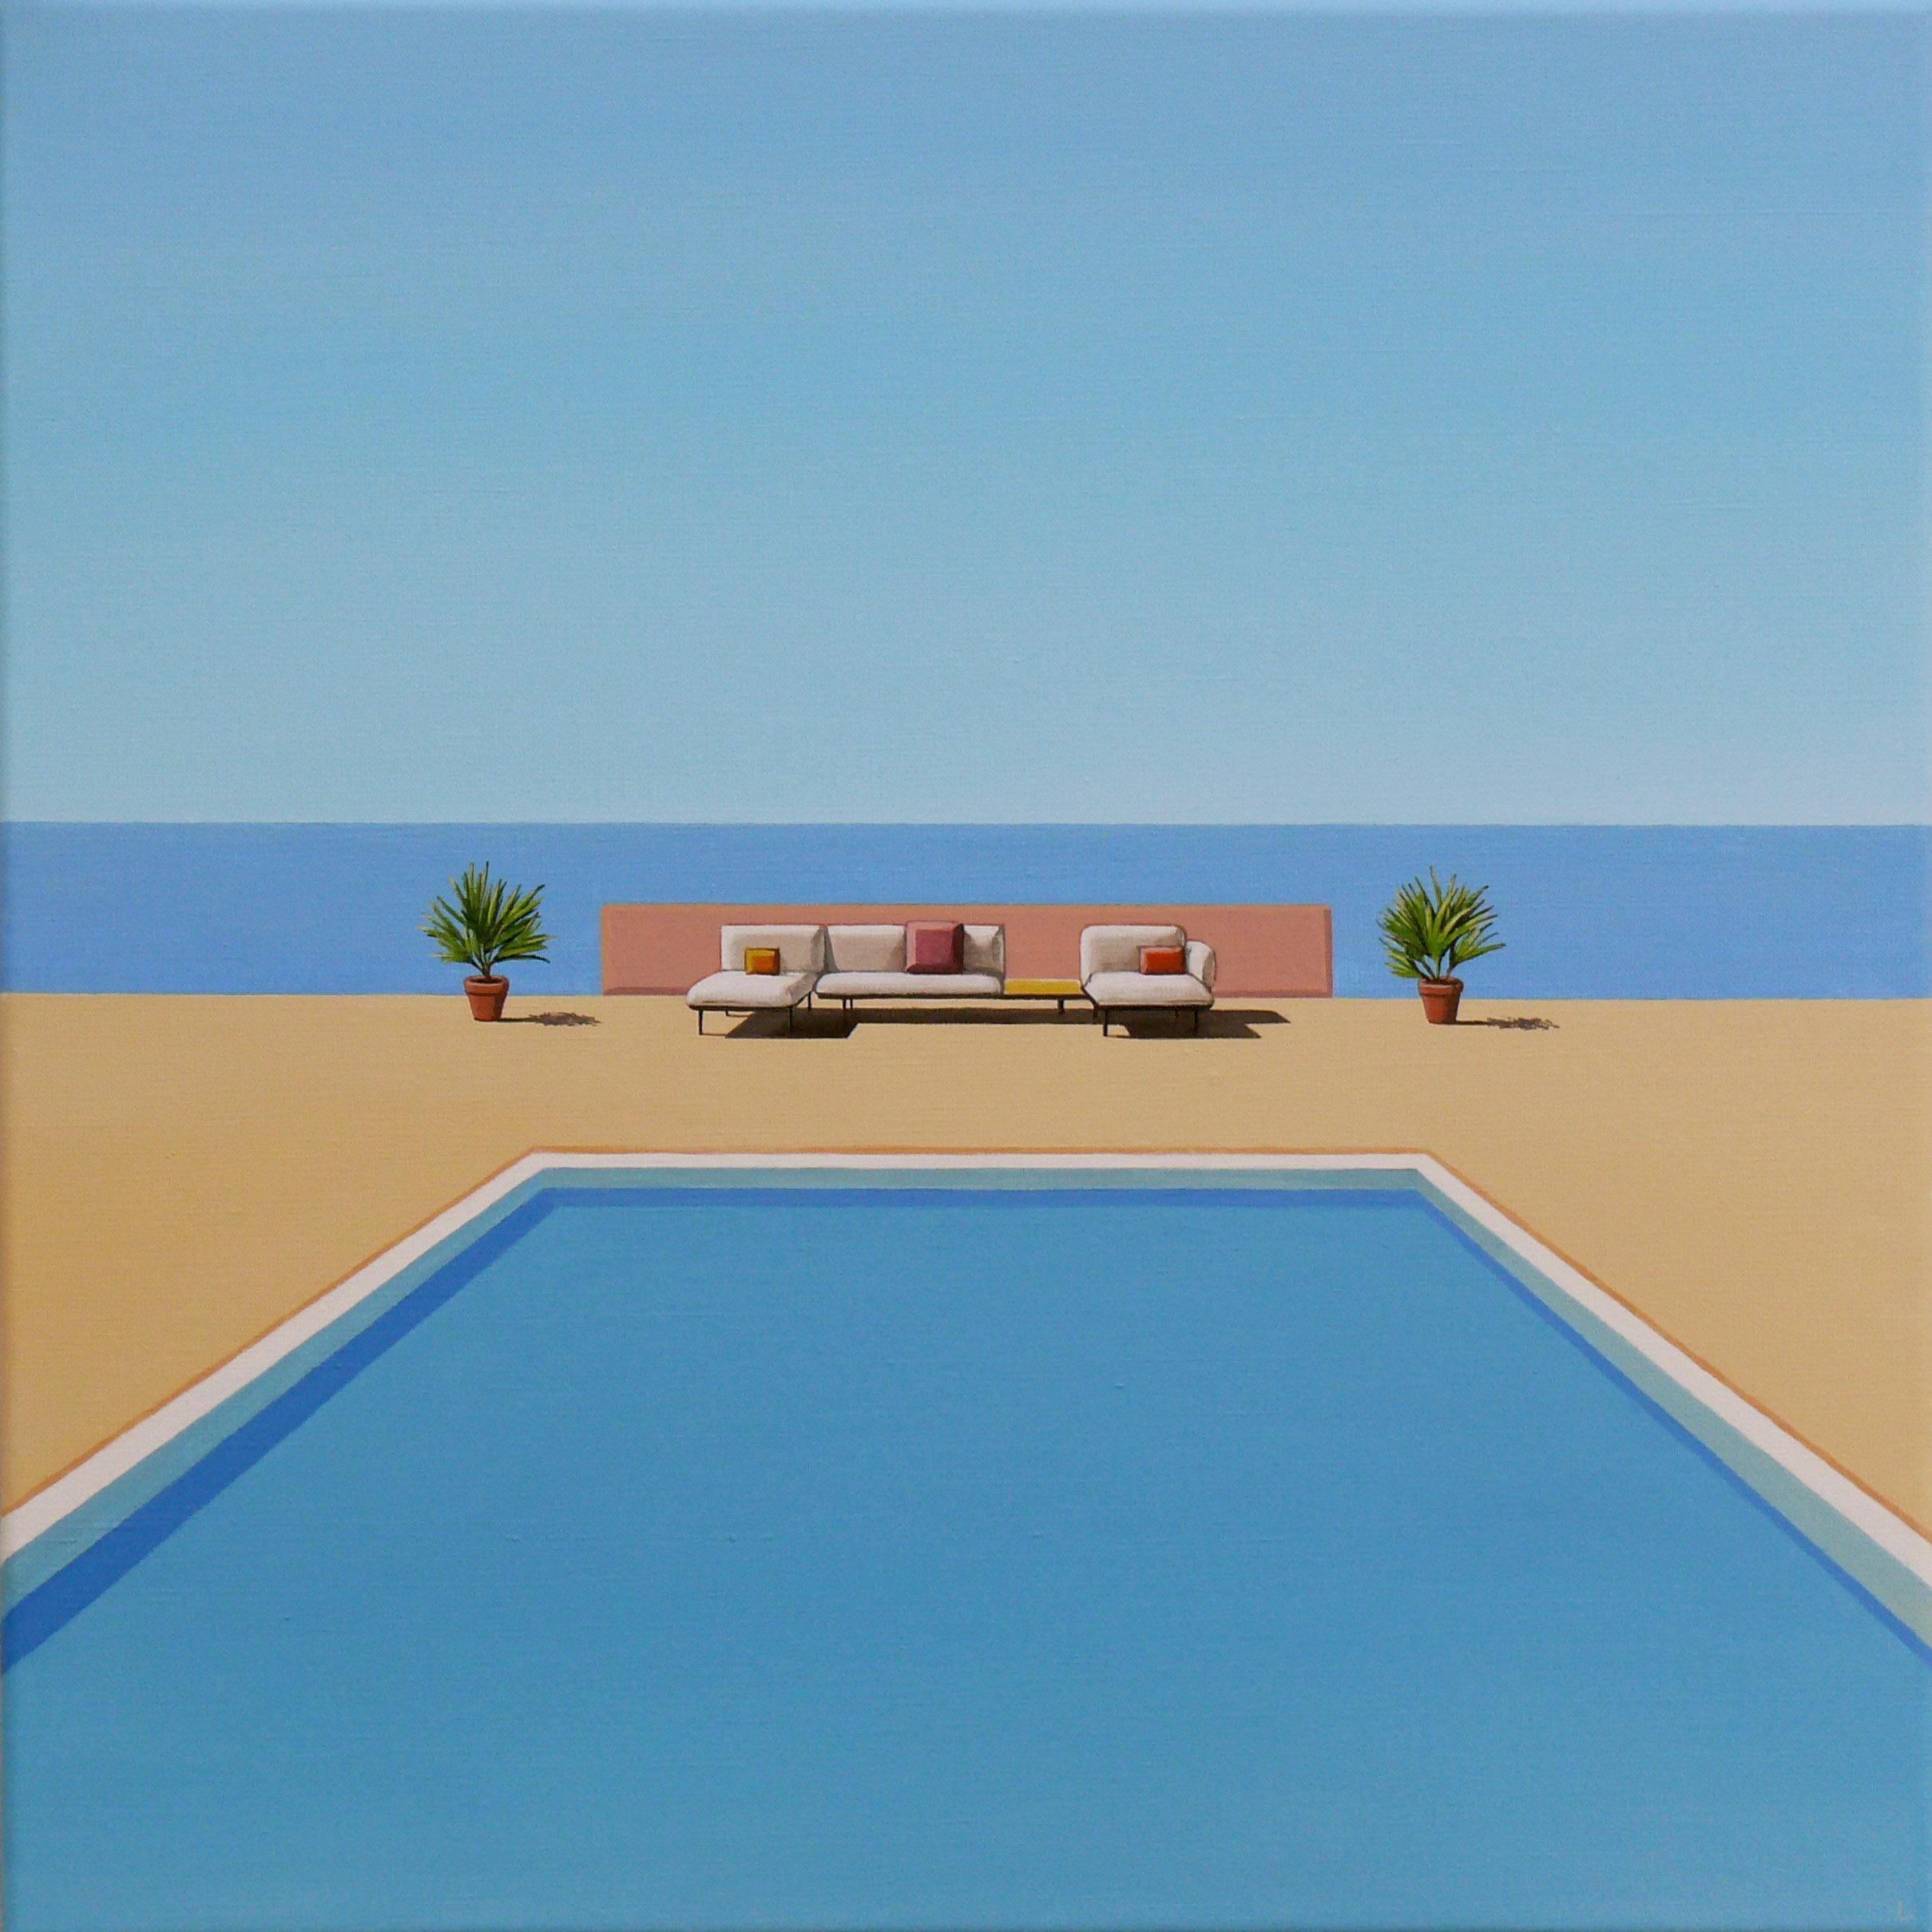 Ocean Breeze - landscape painting